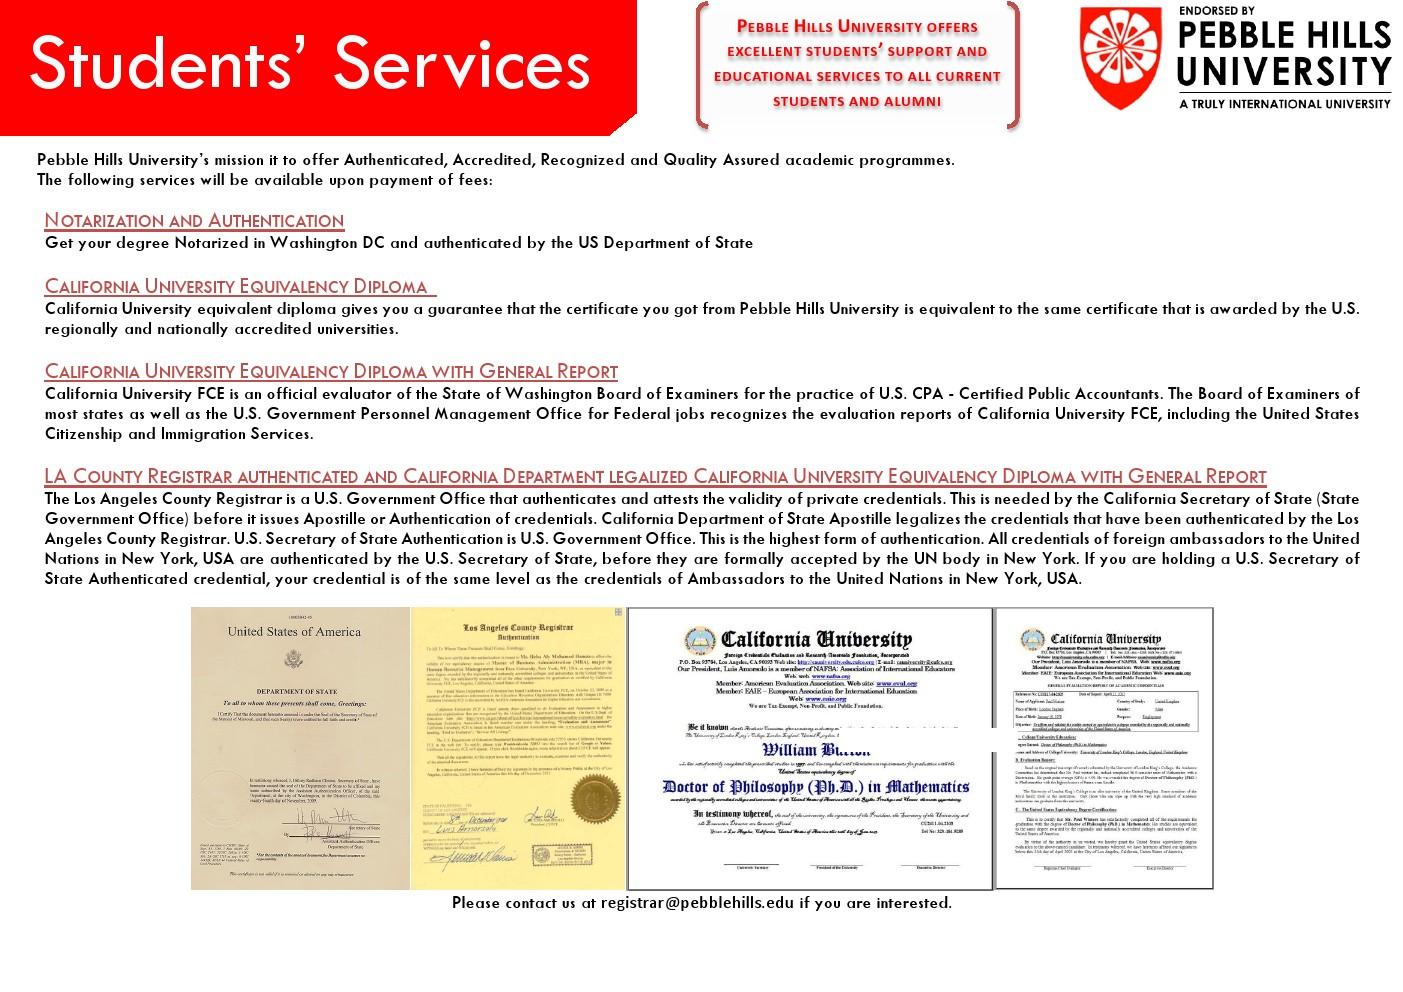 Students Services_Public